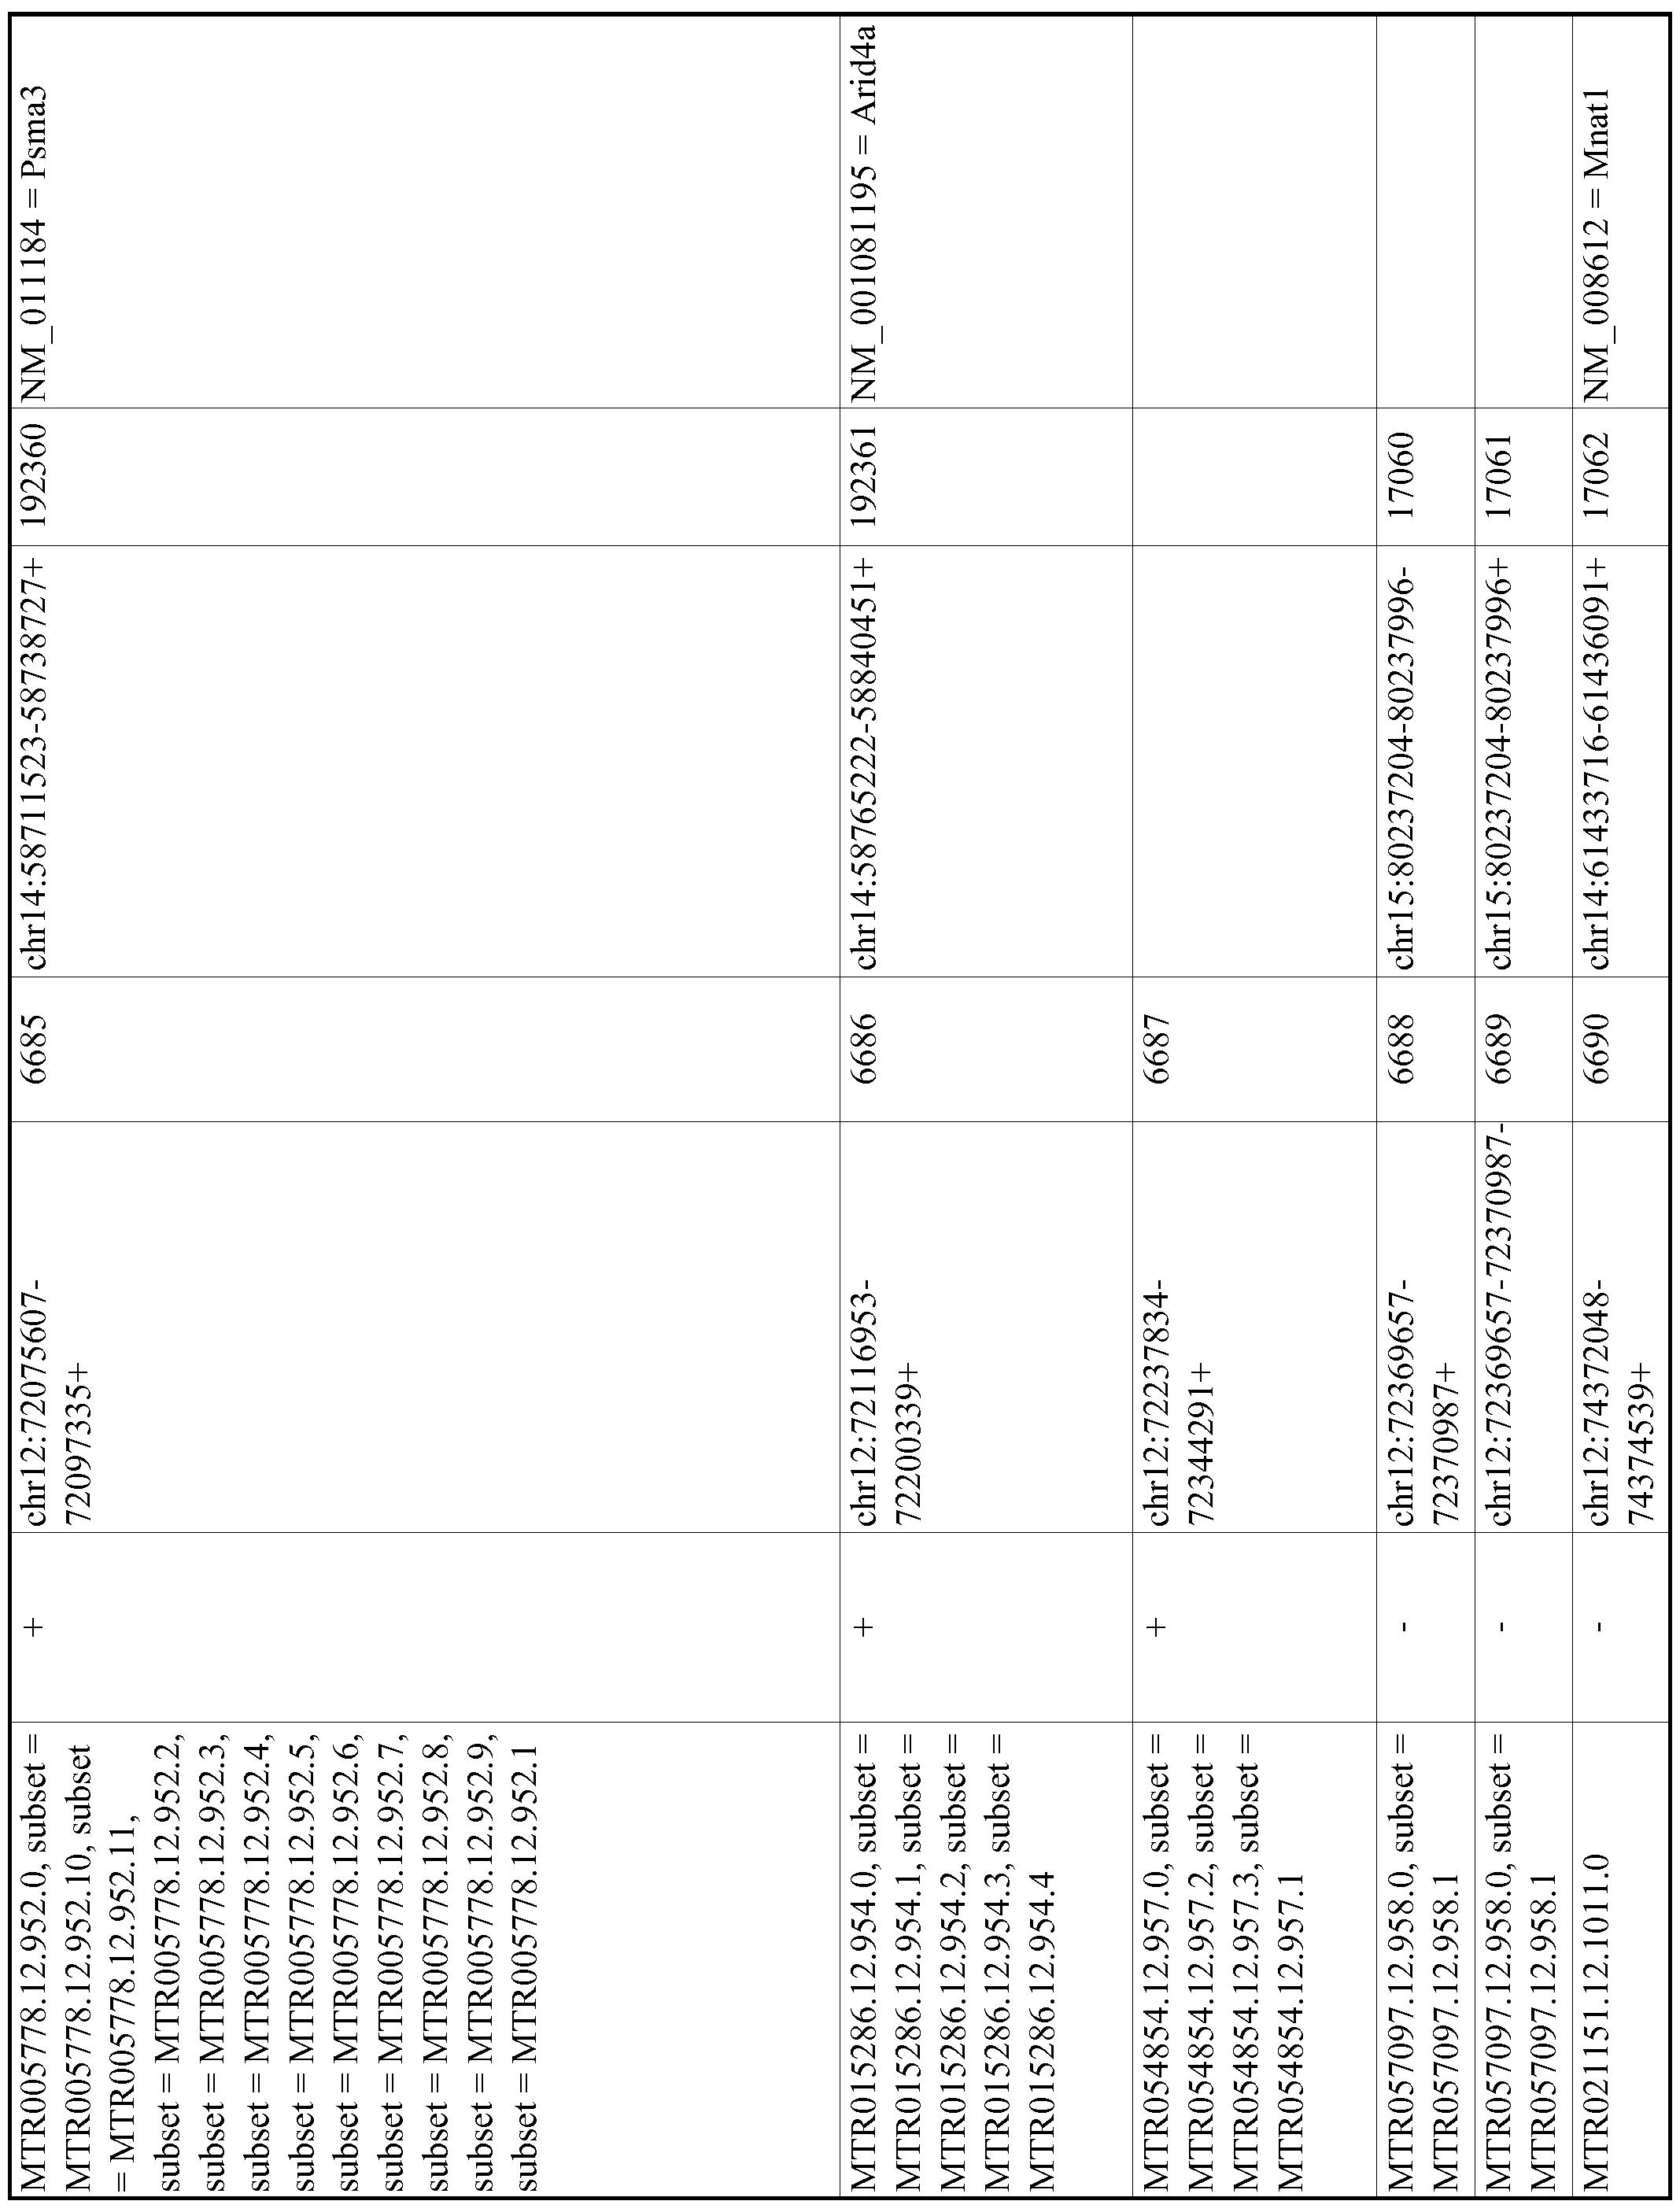 Figure imgf001192_0001